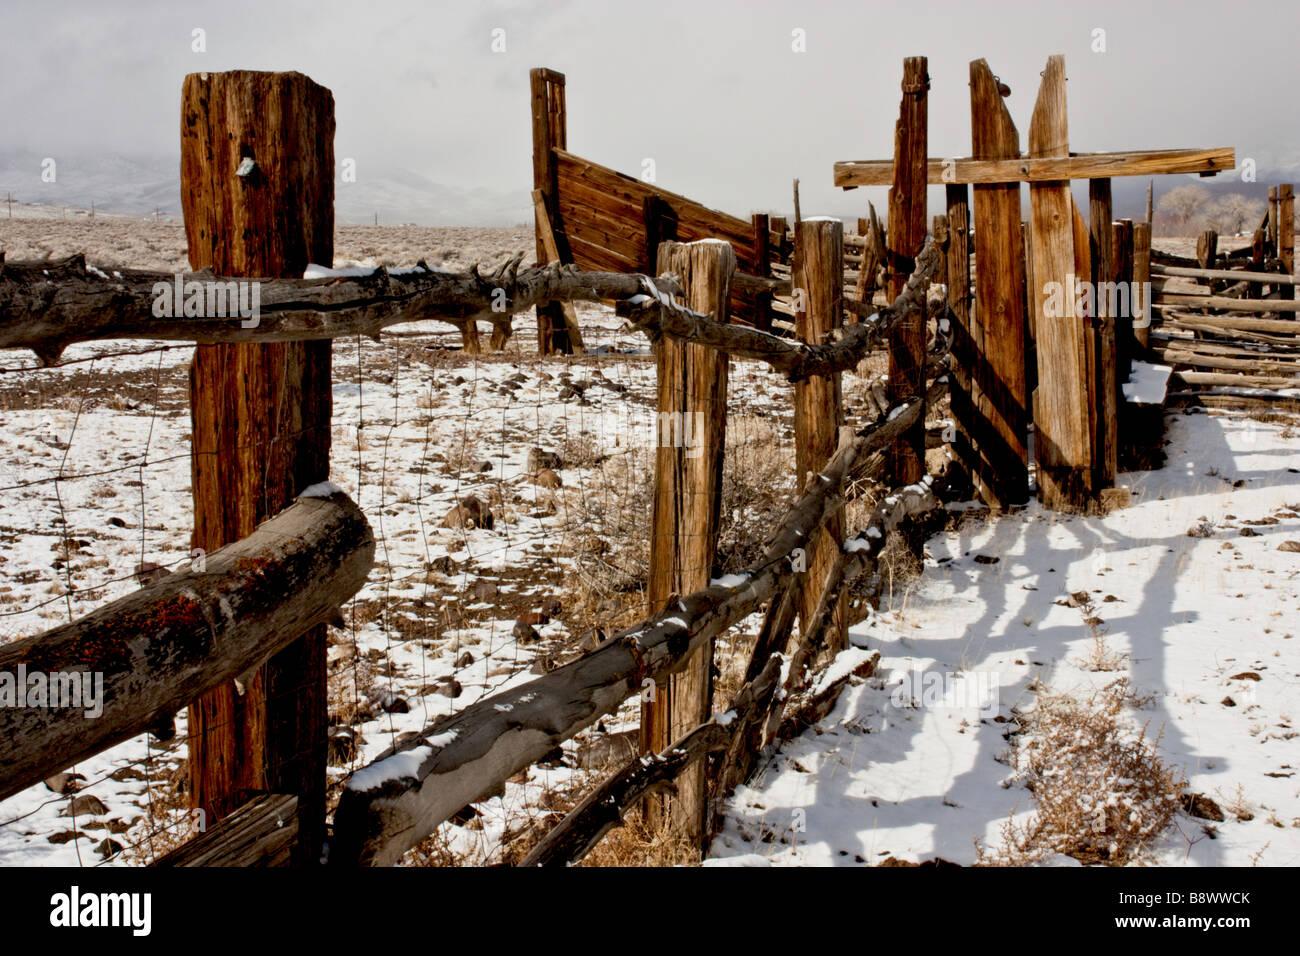 La nieve fresca y una valla de madera desgastada de un corral mientras una nevasca enfoques Foto de stock